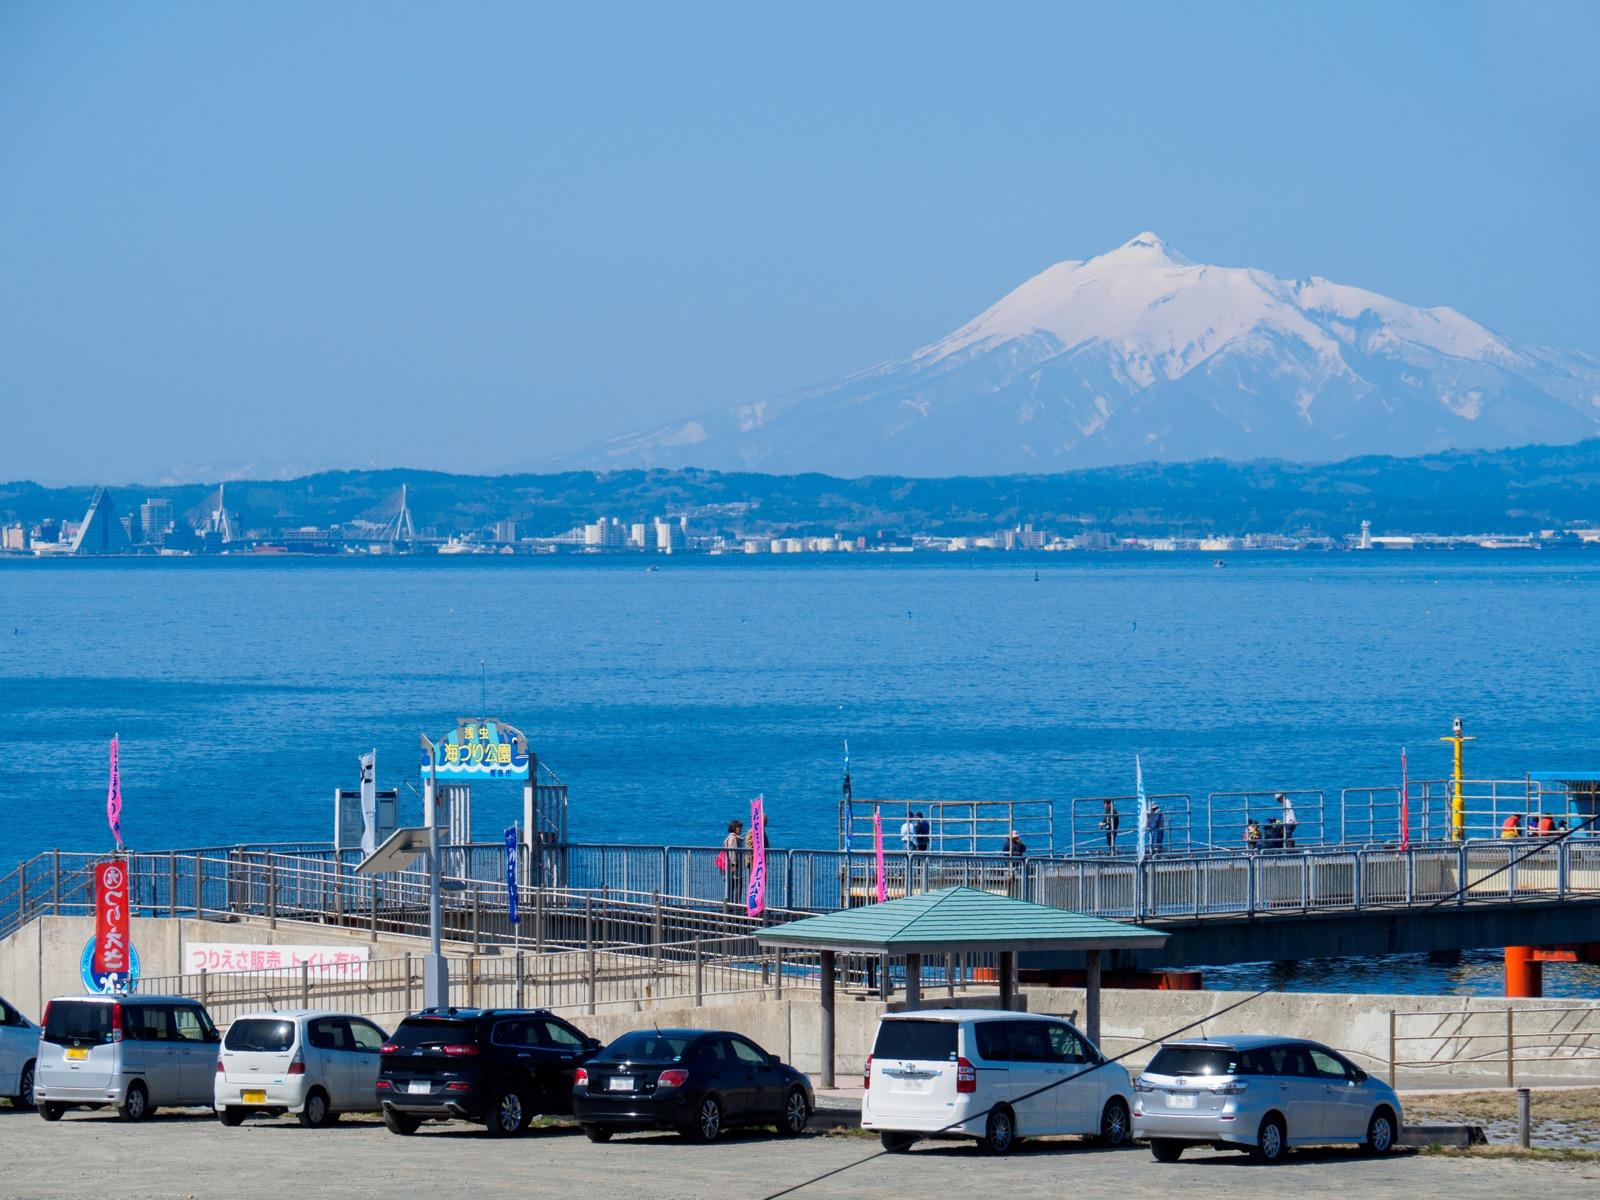 浅虫温泉駅前のゆうやけ橋から見る青森湾と津軽半島の青森市街、岩木山